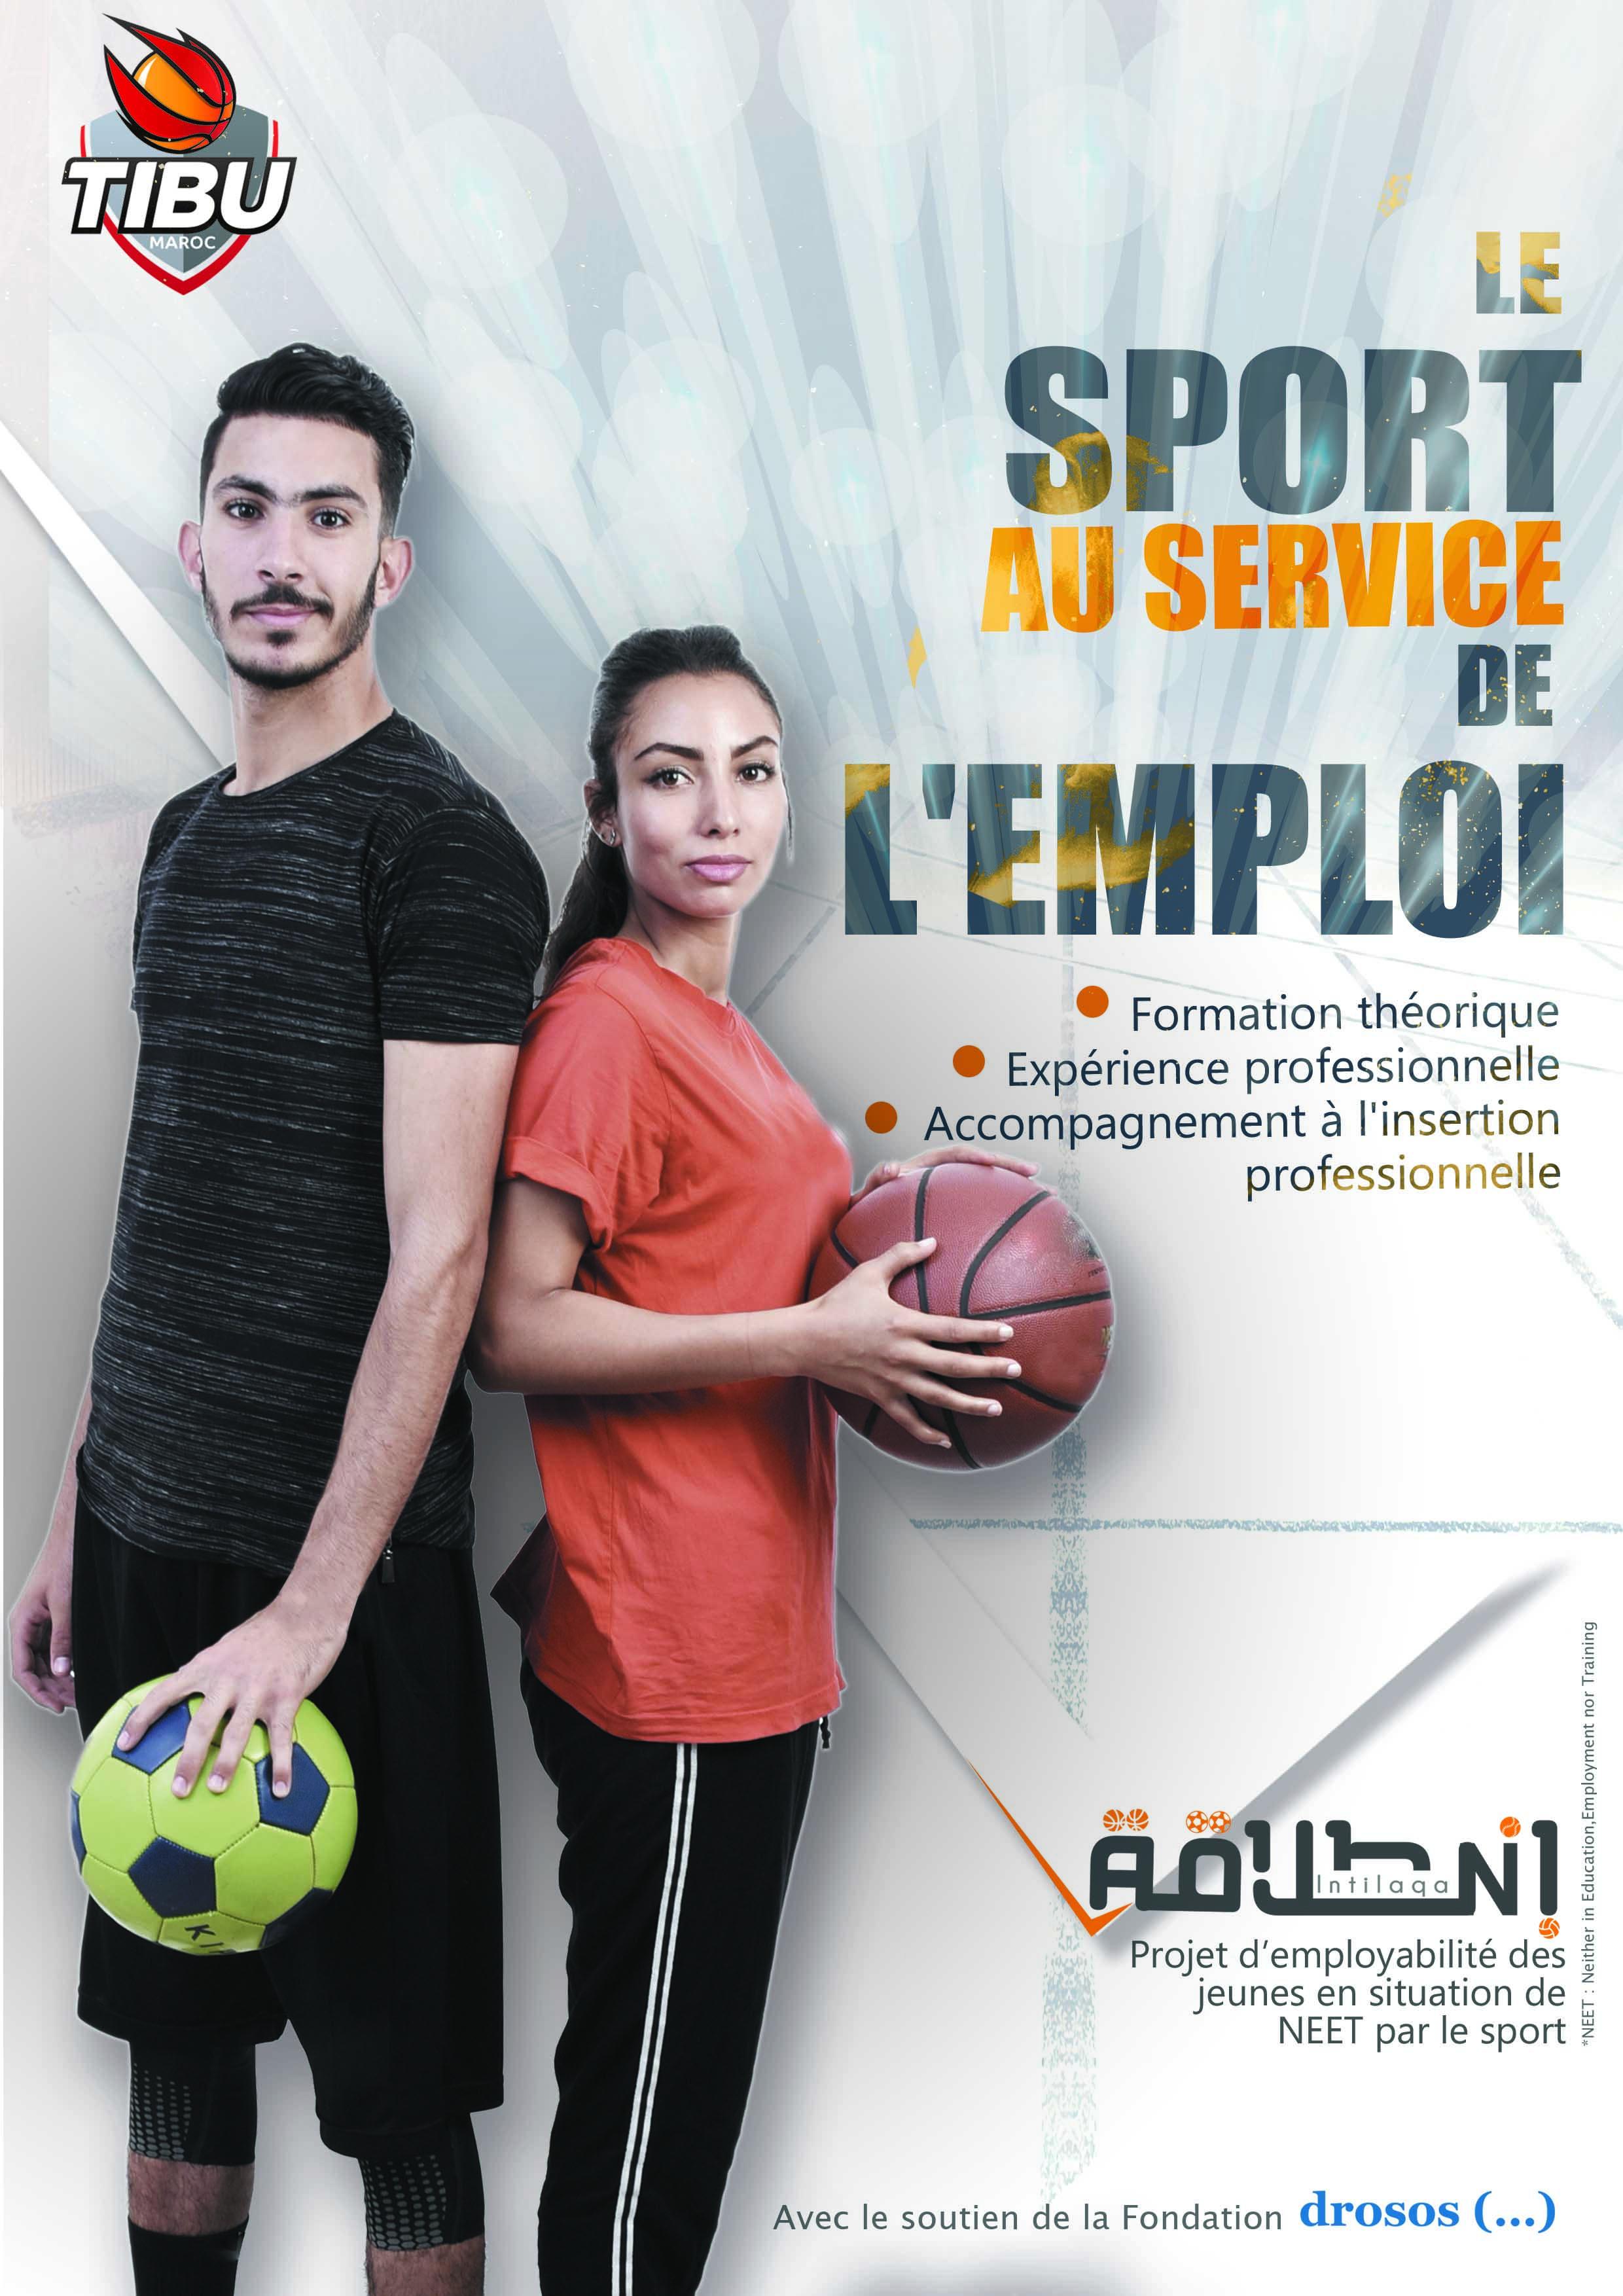 1erprogramme Tibu en Afrique d'employabilité des jeunes par le sport